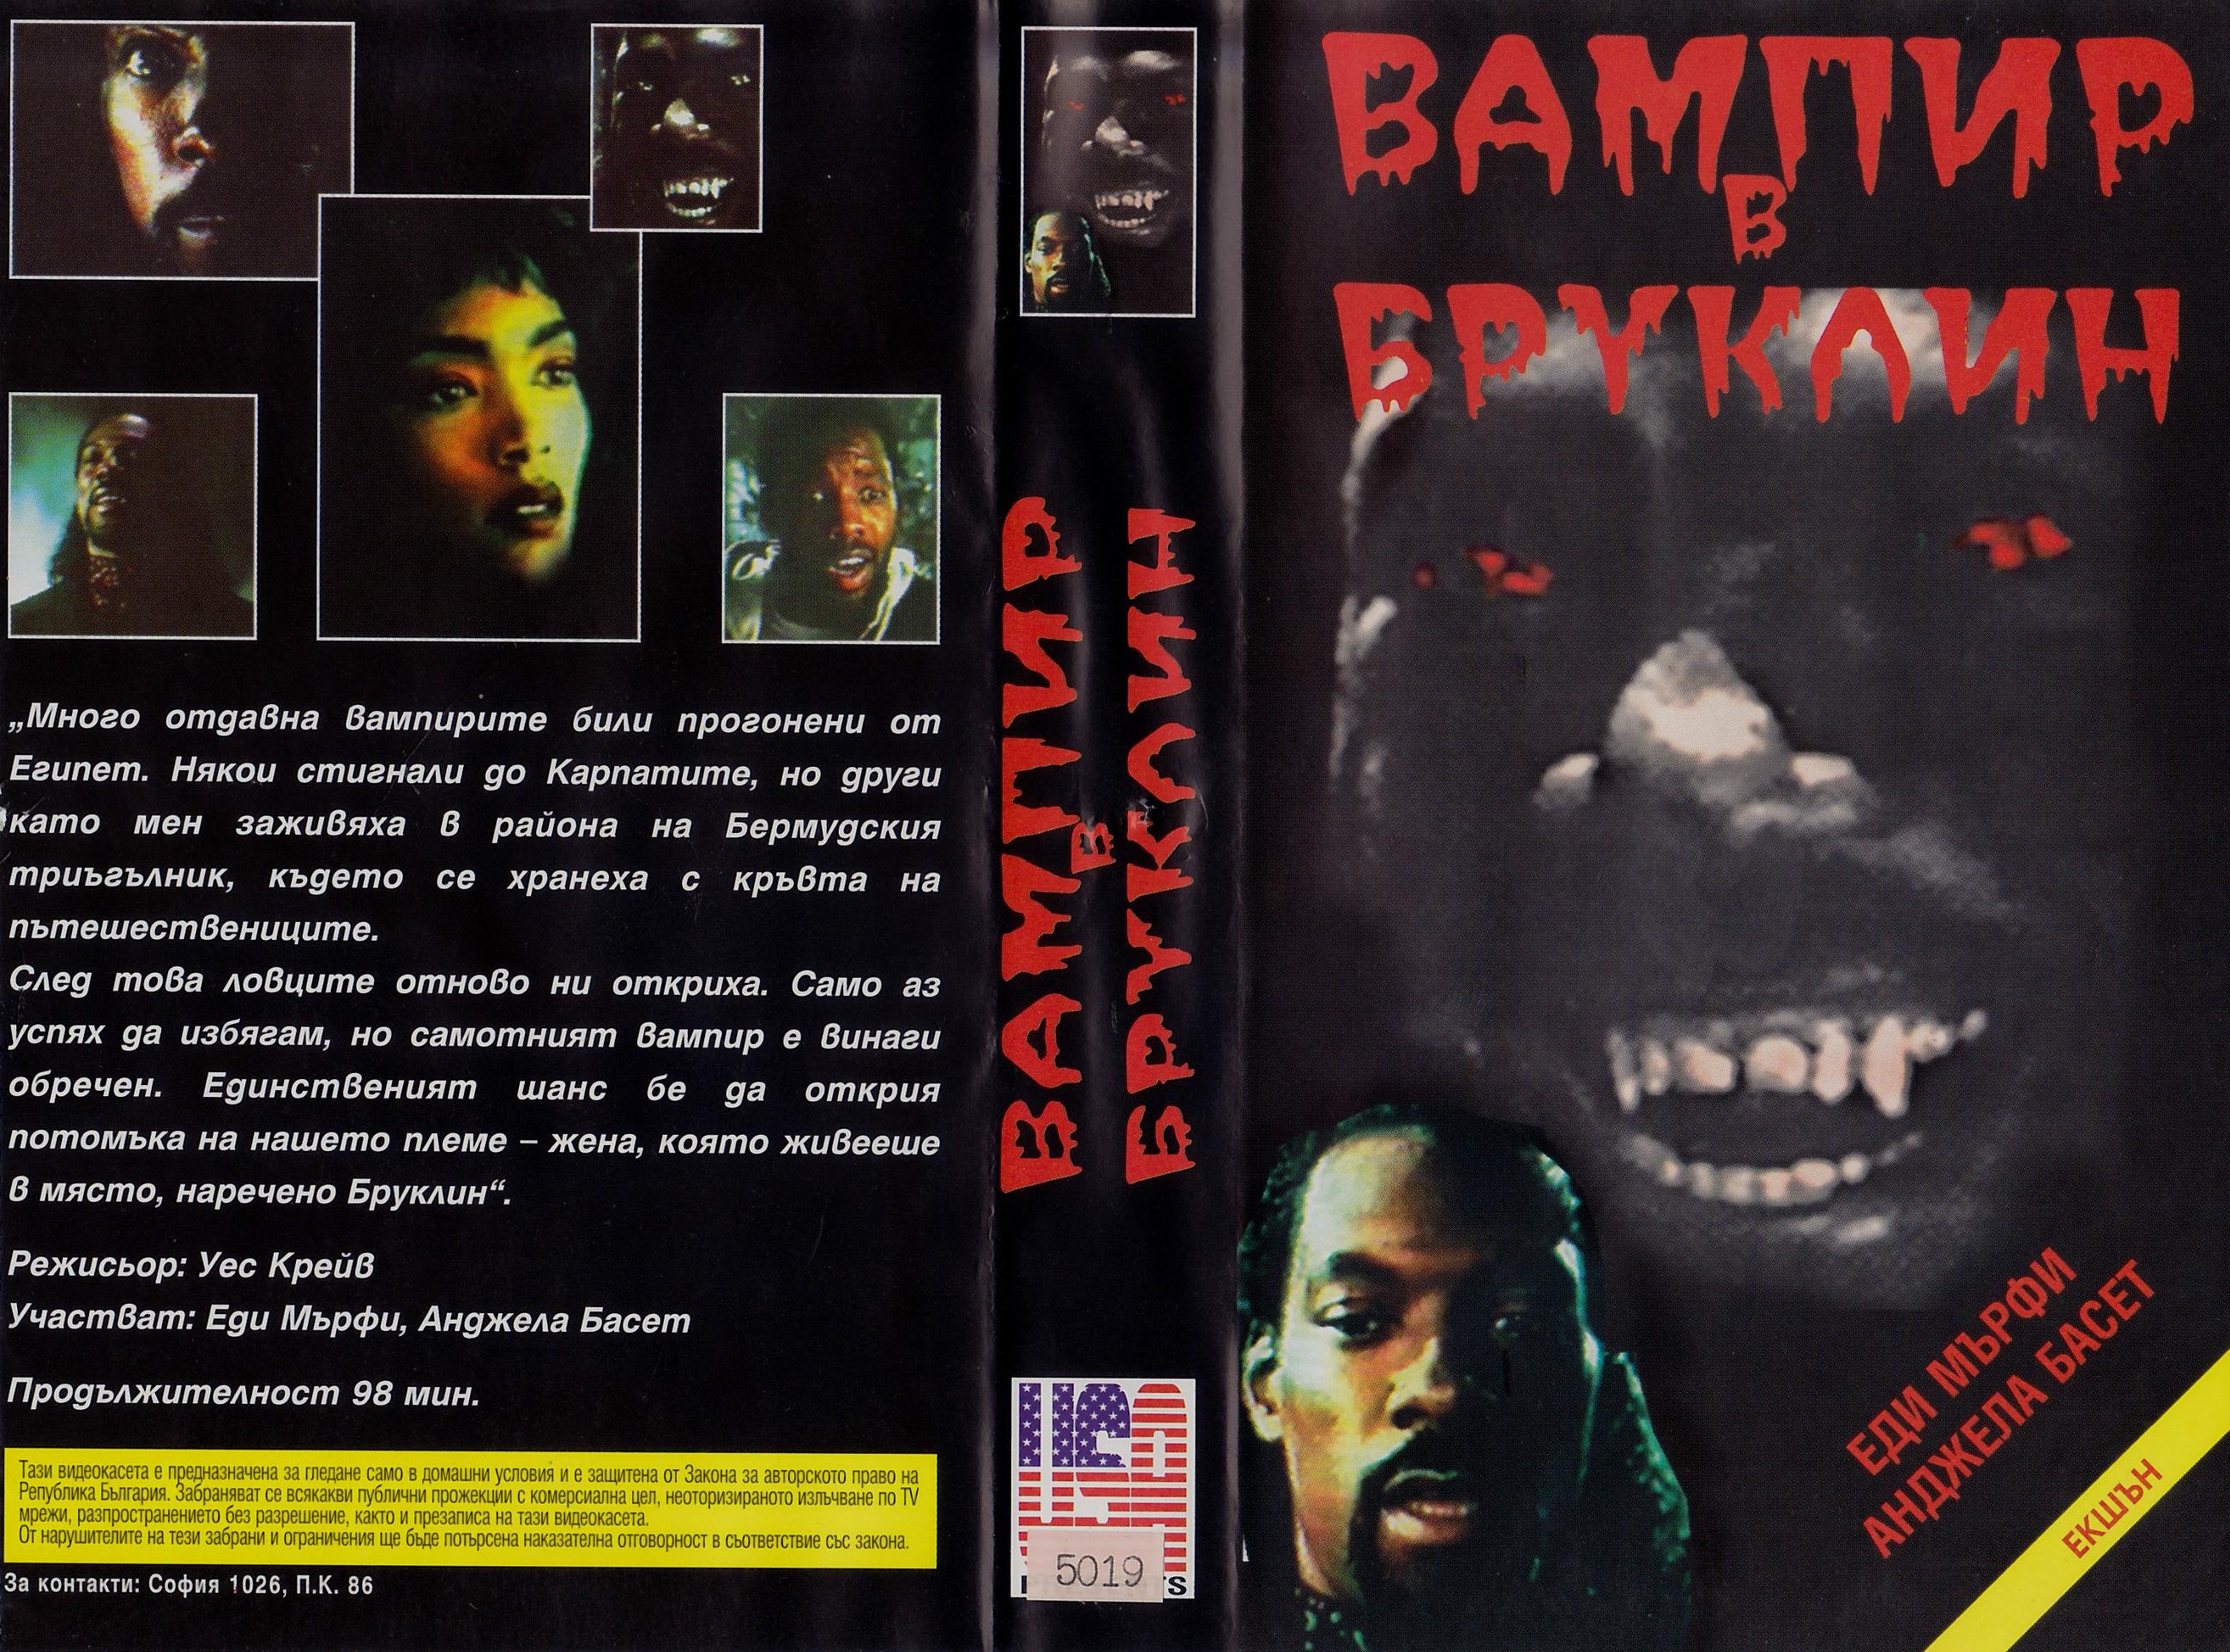 Вампир в Бруклин филм еди мърфи